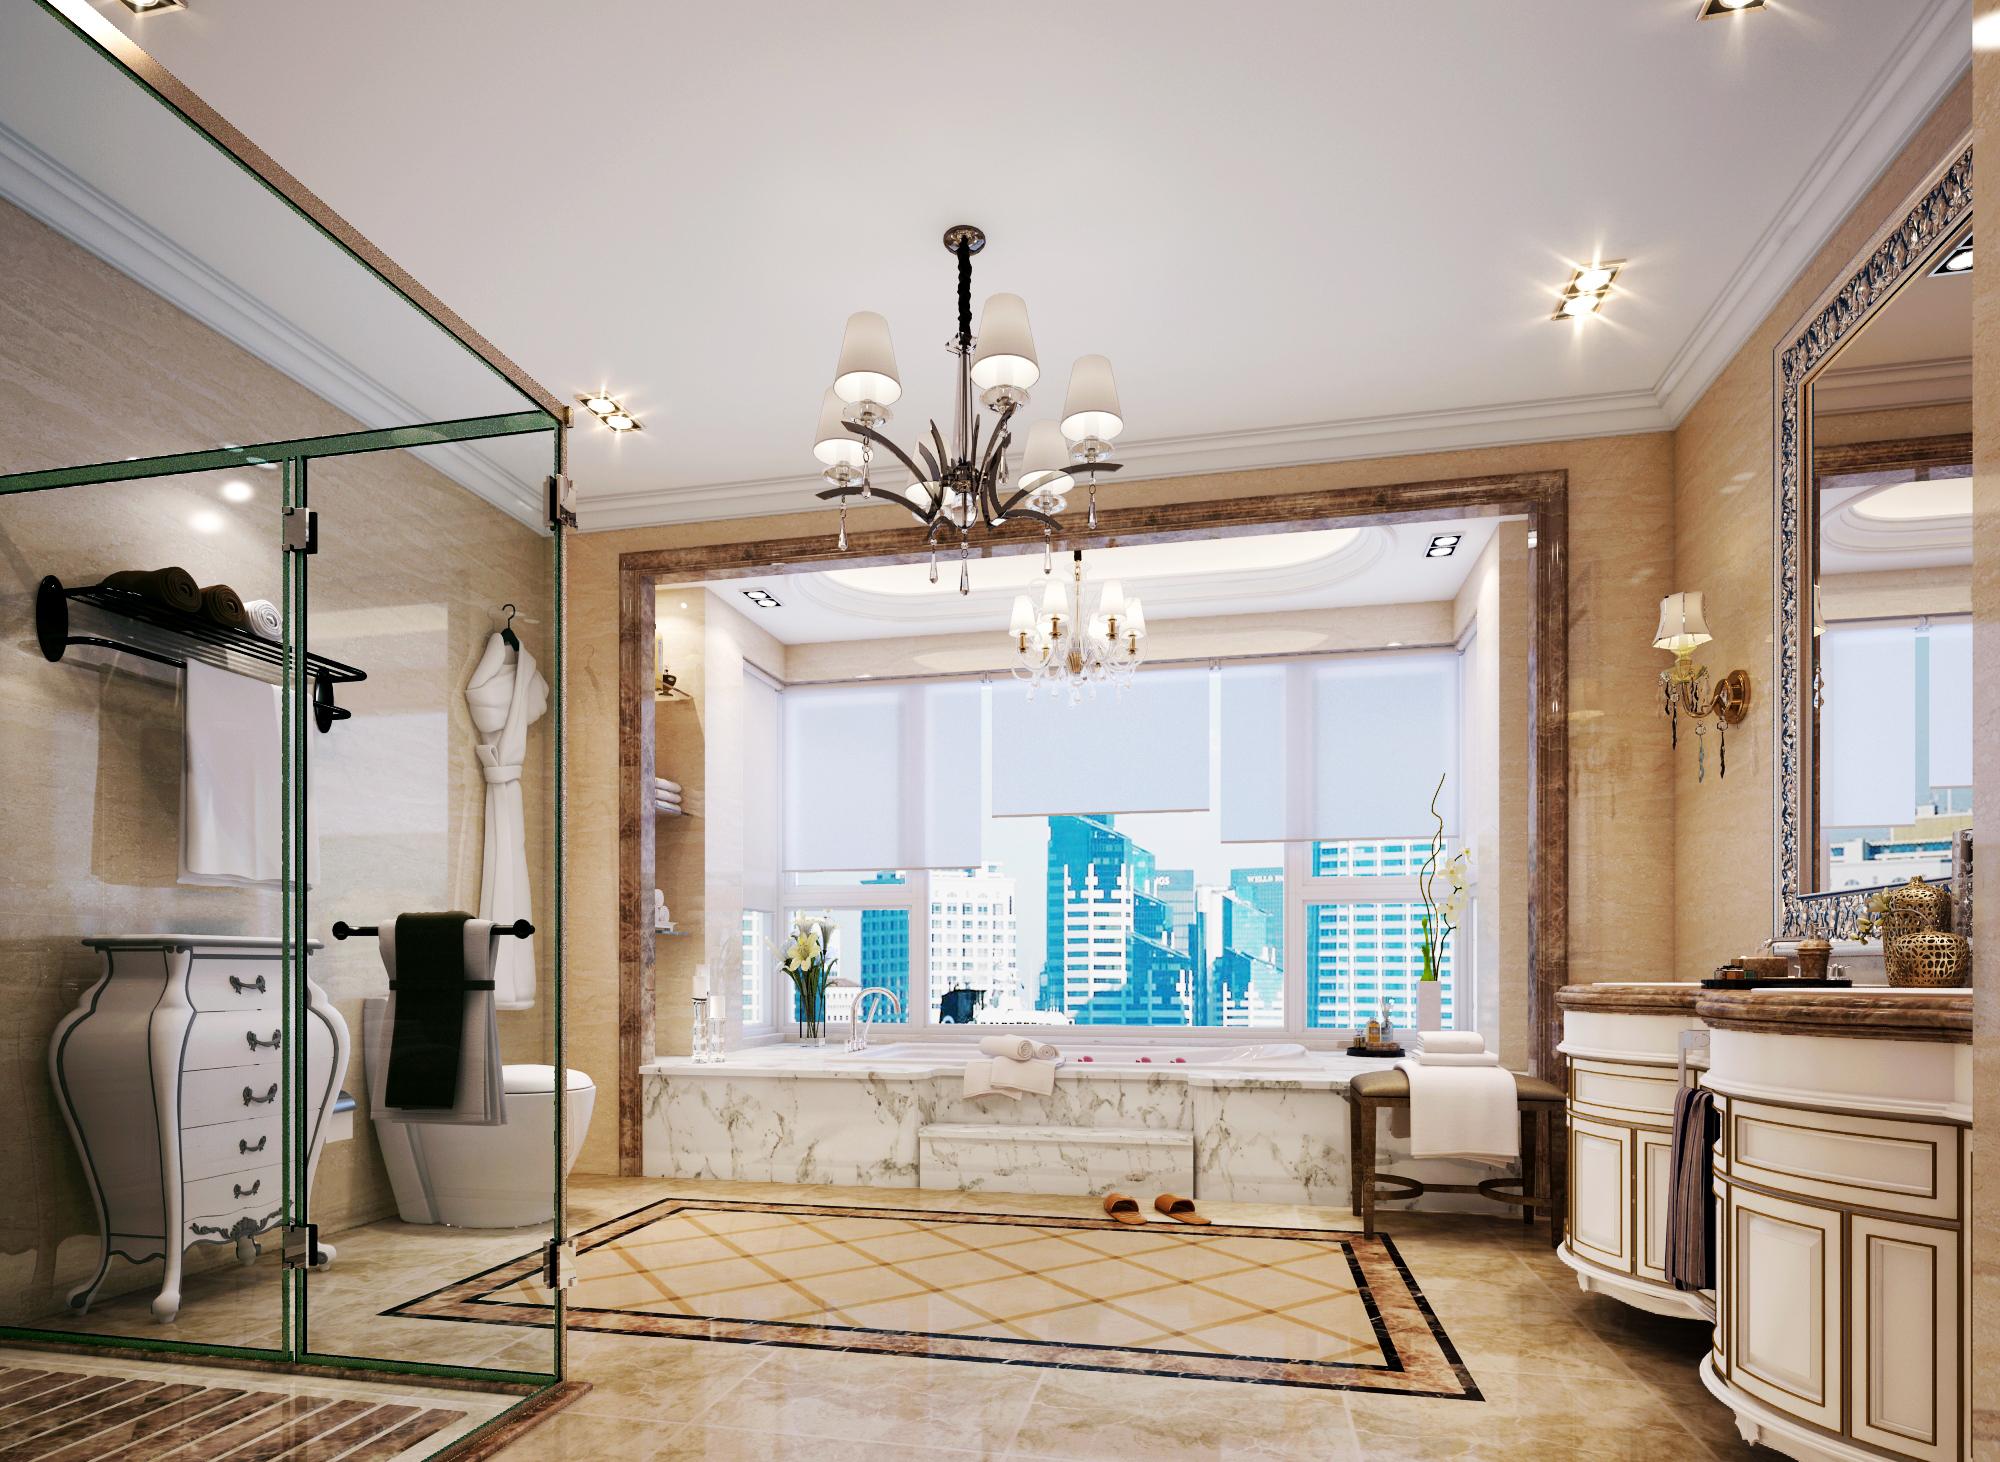 欧式 简约 别墅 西山别墅 软装配饰 卫生间图片来自尚层装饰张迪在120万帮您打造450平全案欧式风格的分享